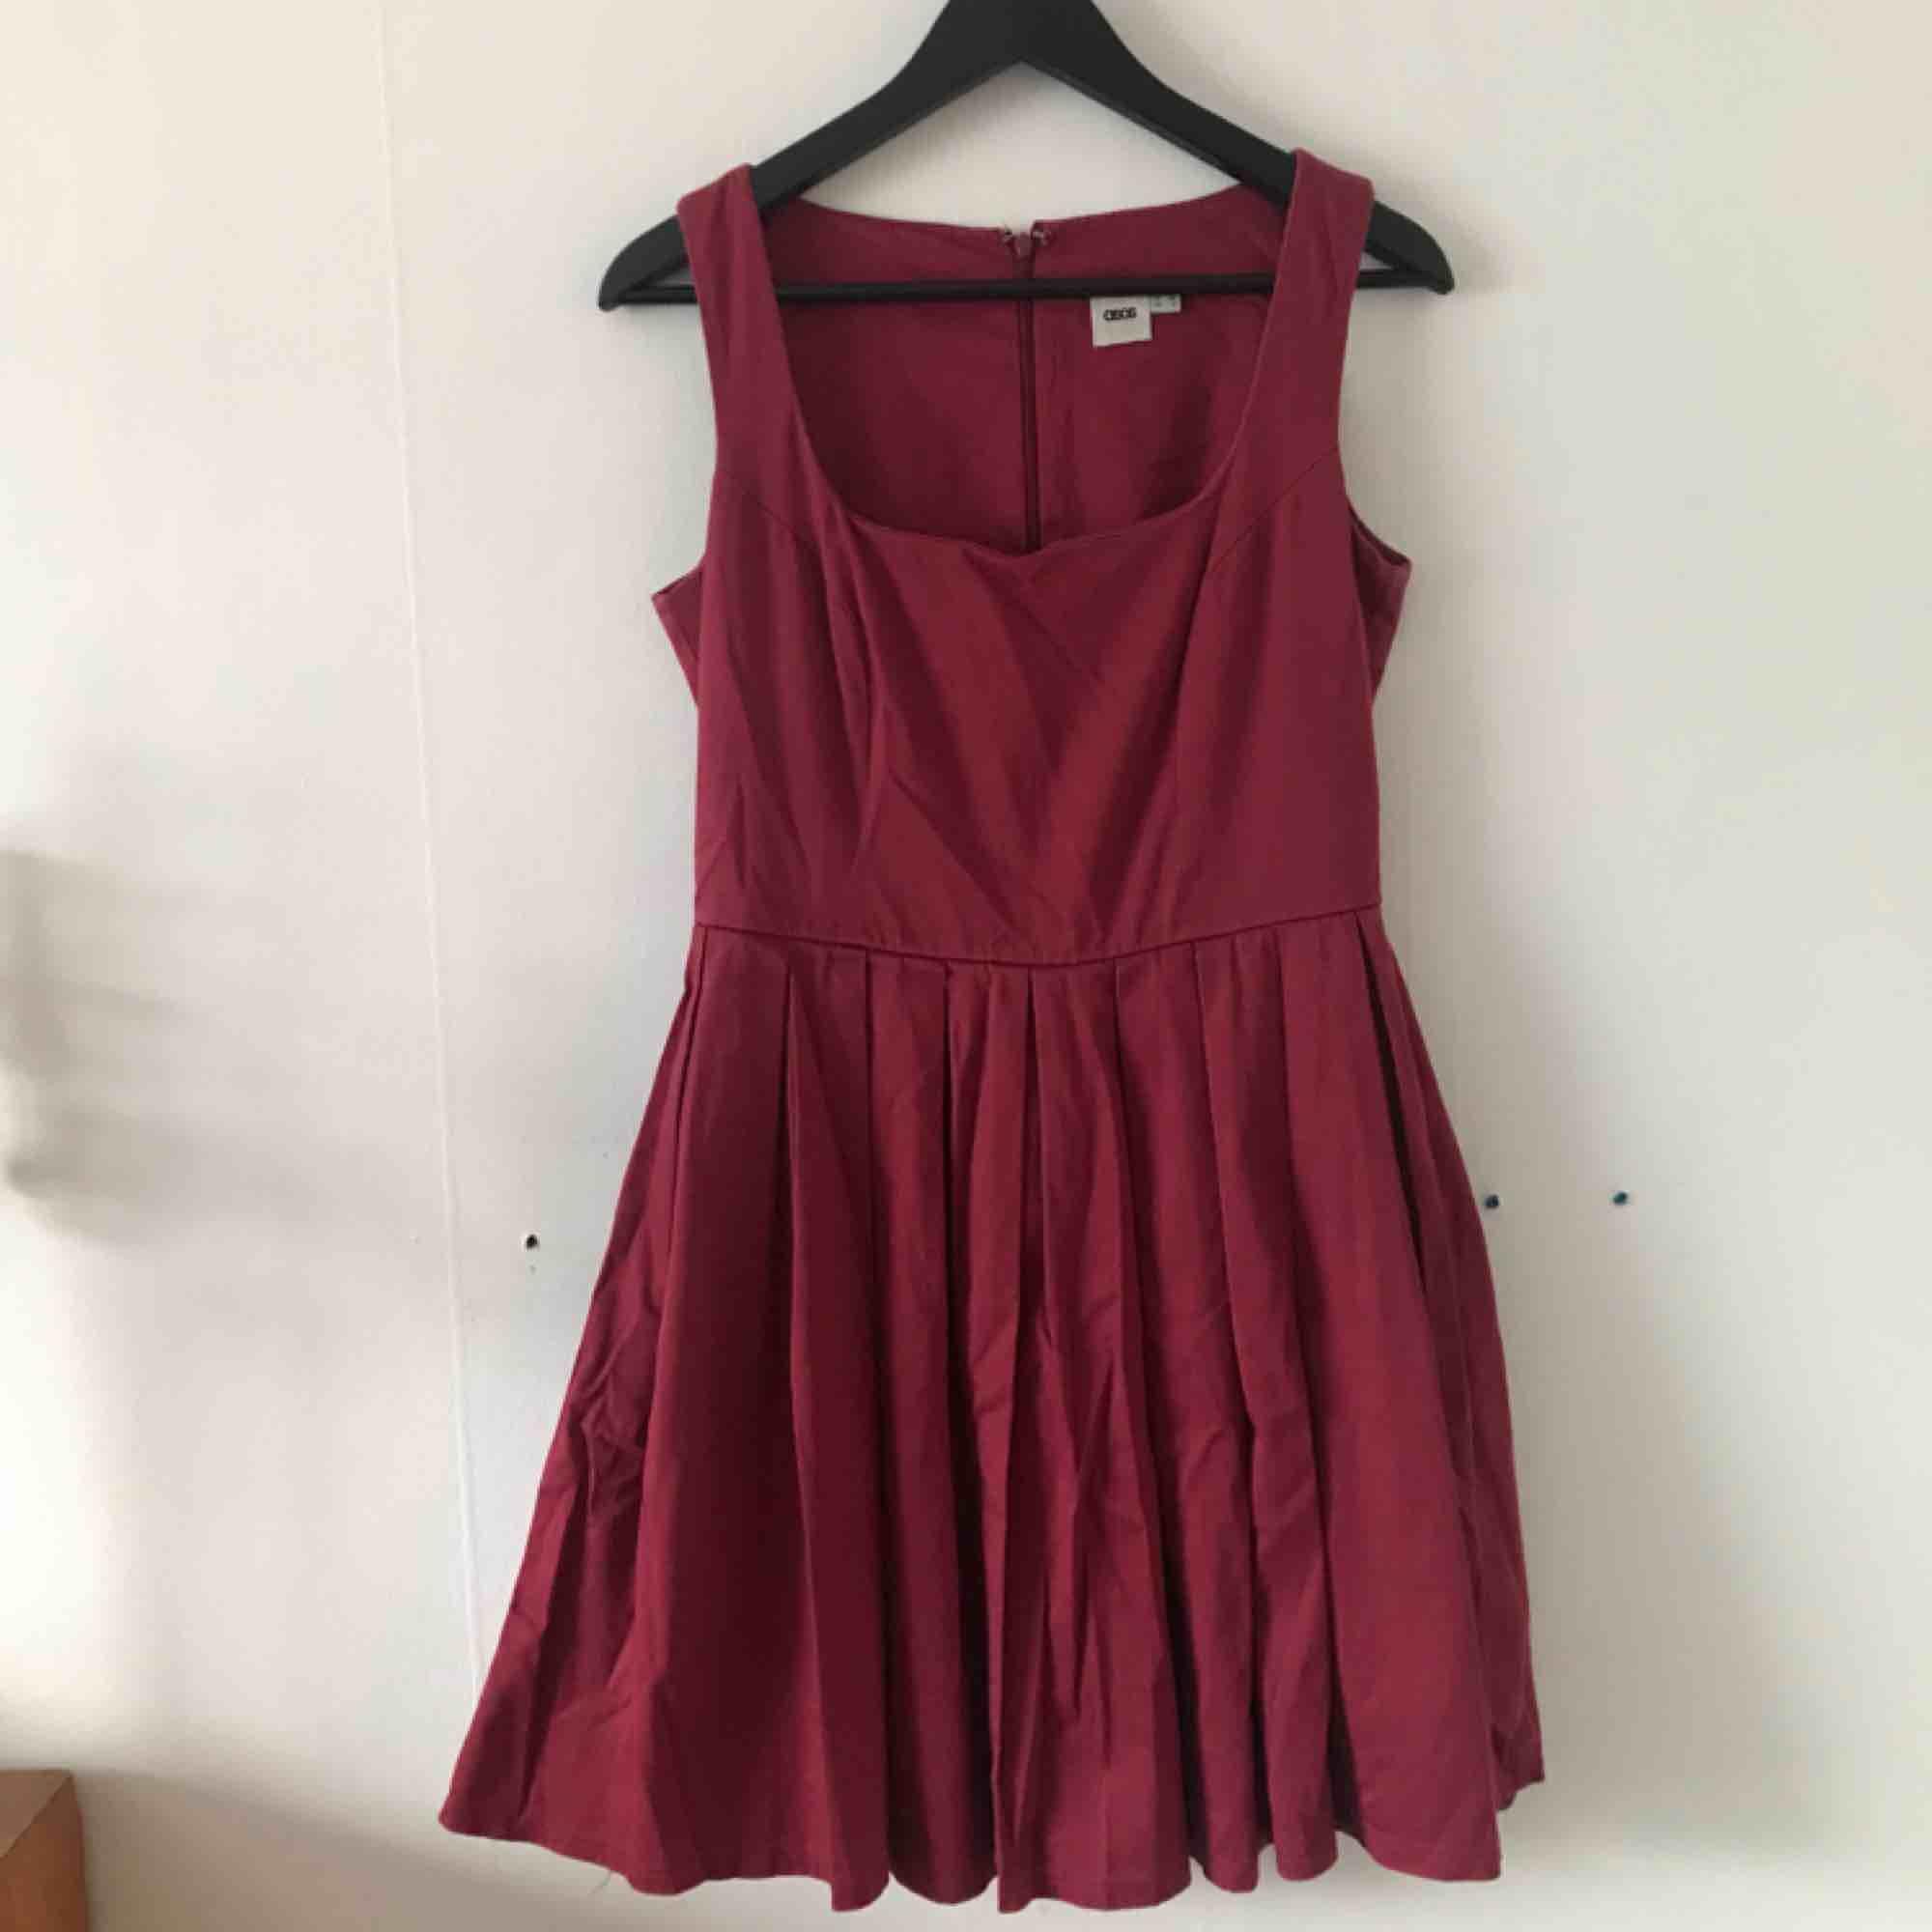 Mörkröd klänning från ASOS. I bra skick, dock kärvar dragkedjan lite i mitten av ryggen. Använd endast en handfull gånger. Kan mötas i Göteborg eller skicka med post (köparen betalar frakt). Klänningar.